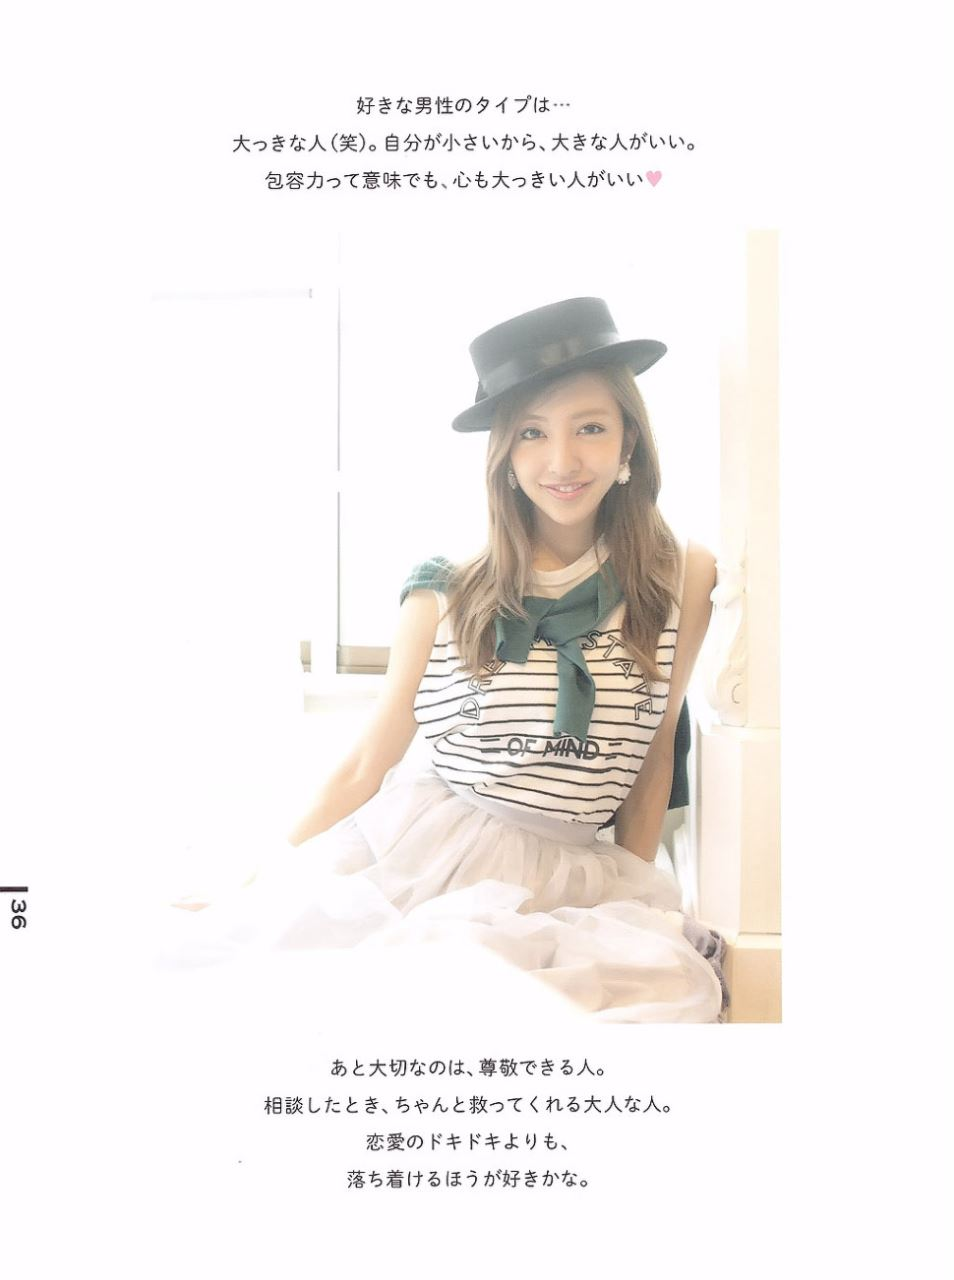 板野友美 すっぴん写真集「Luv U」画像 38